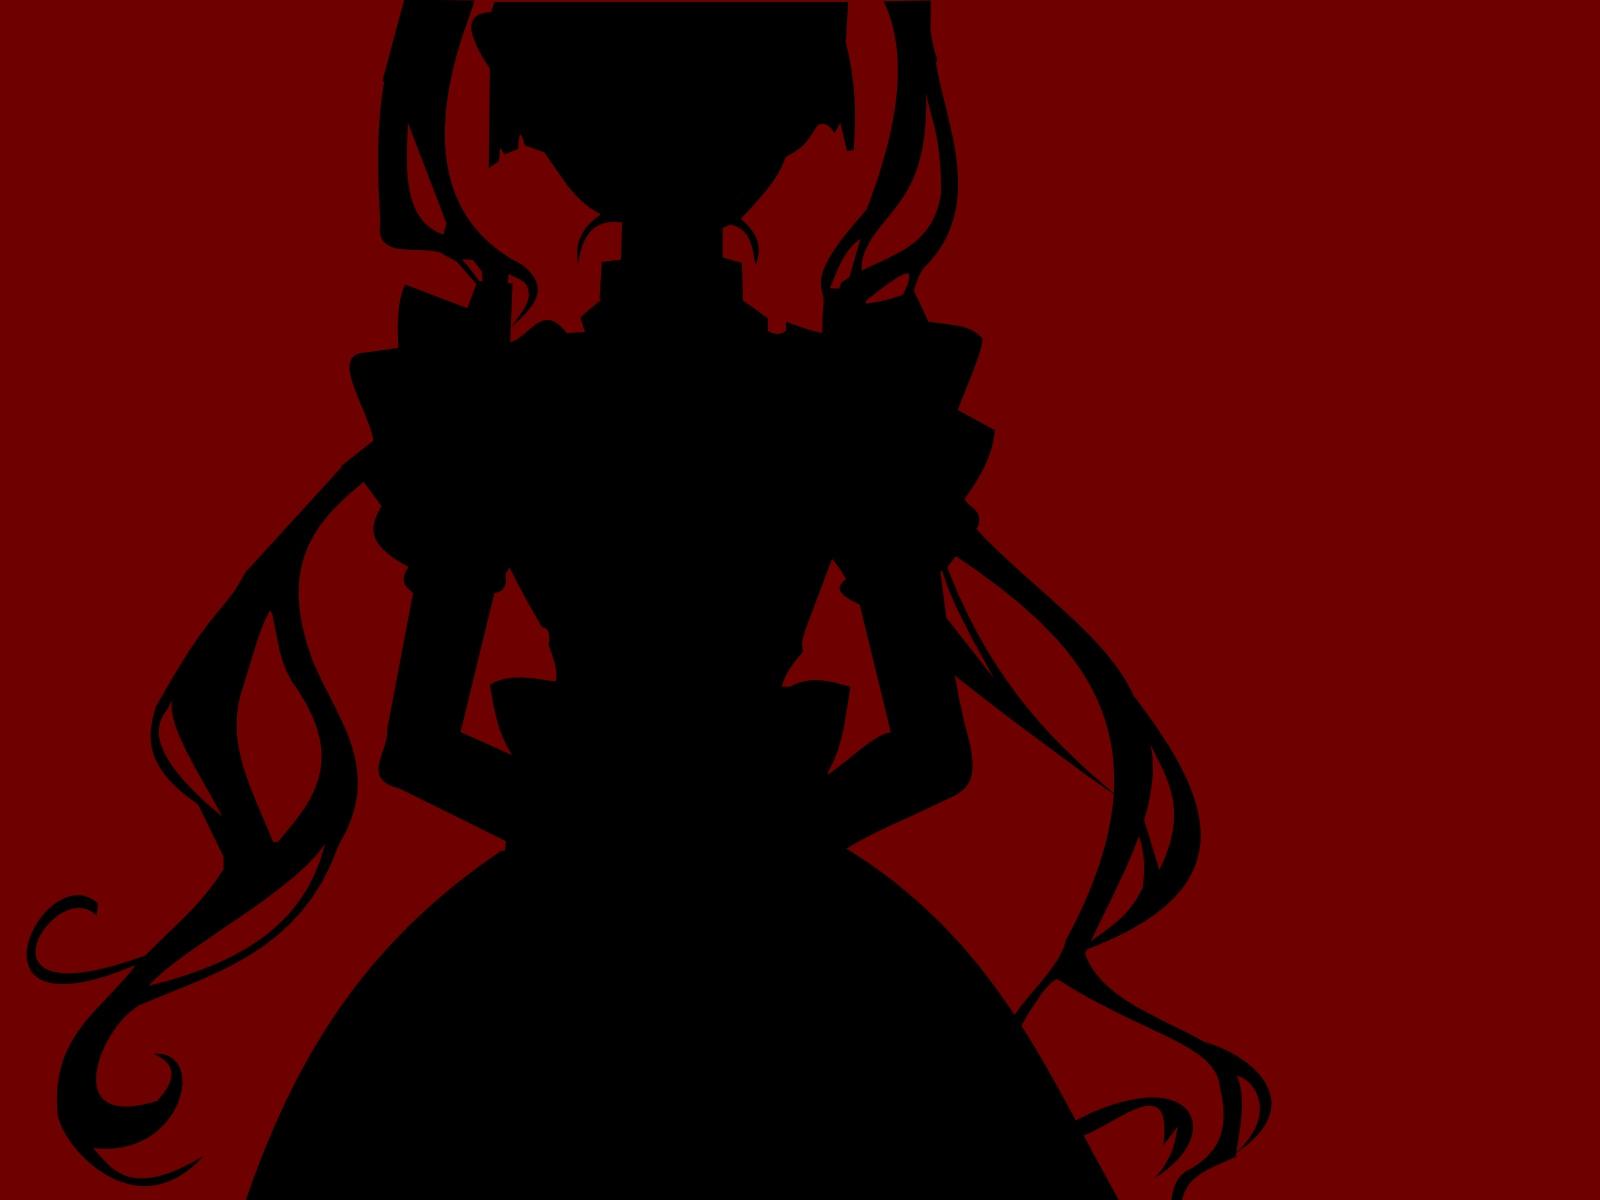 maria_holic shinouji_matsurika silhouette